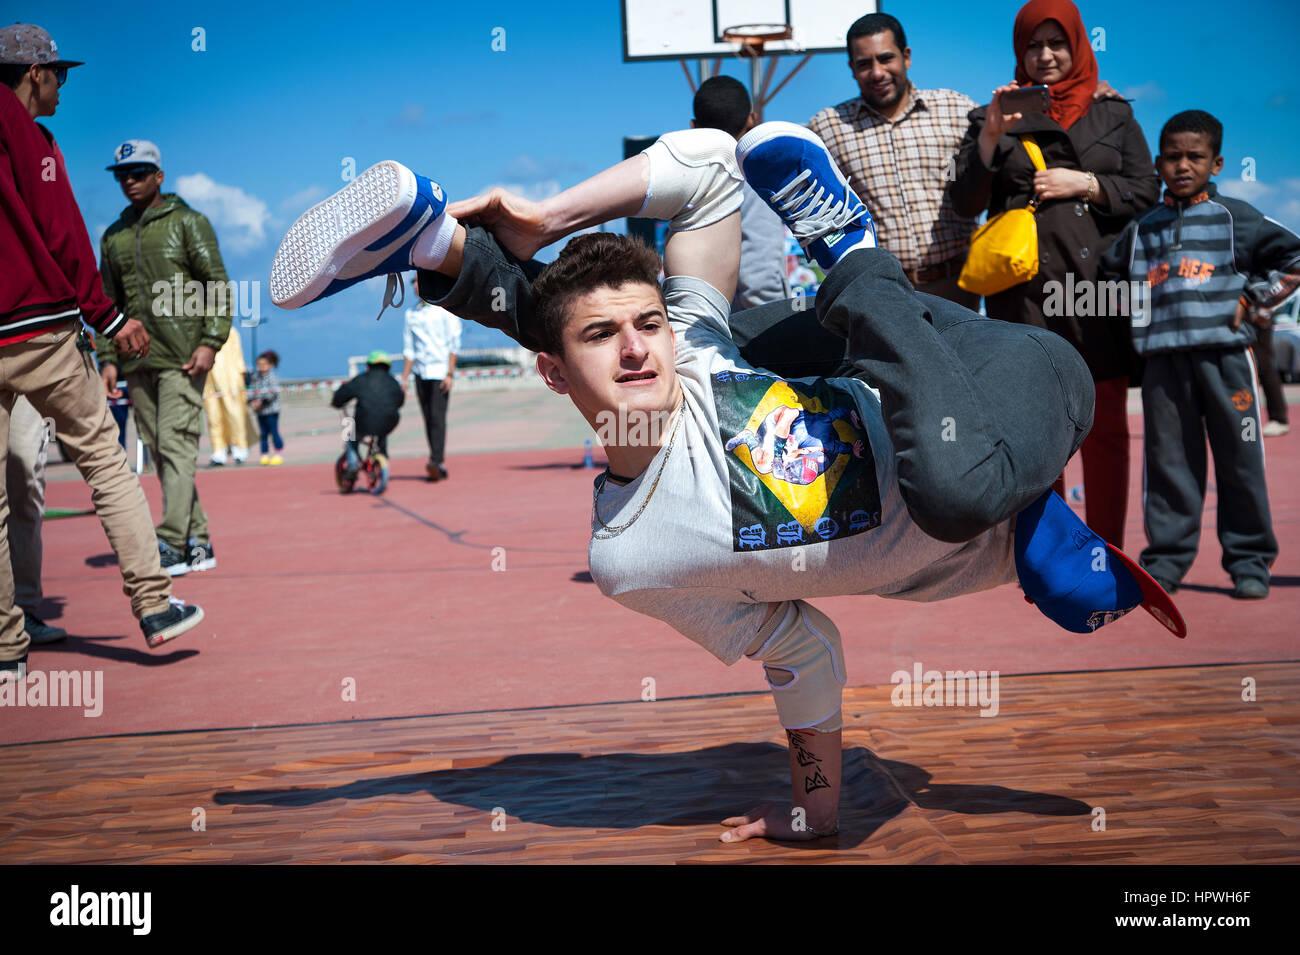 Libia Tripoli: giovani ragazzi breakdance a un open air danza e parkour festival. Immagini Stock